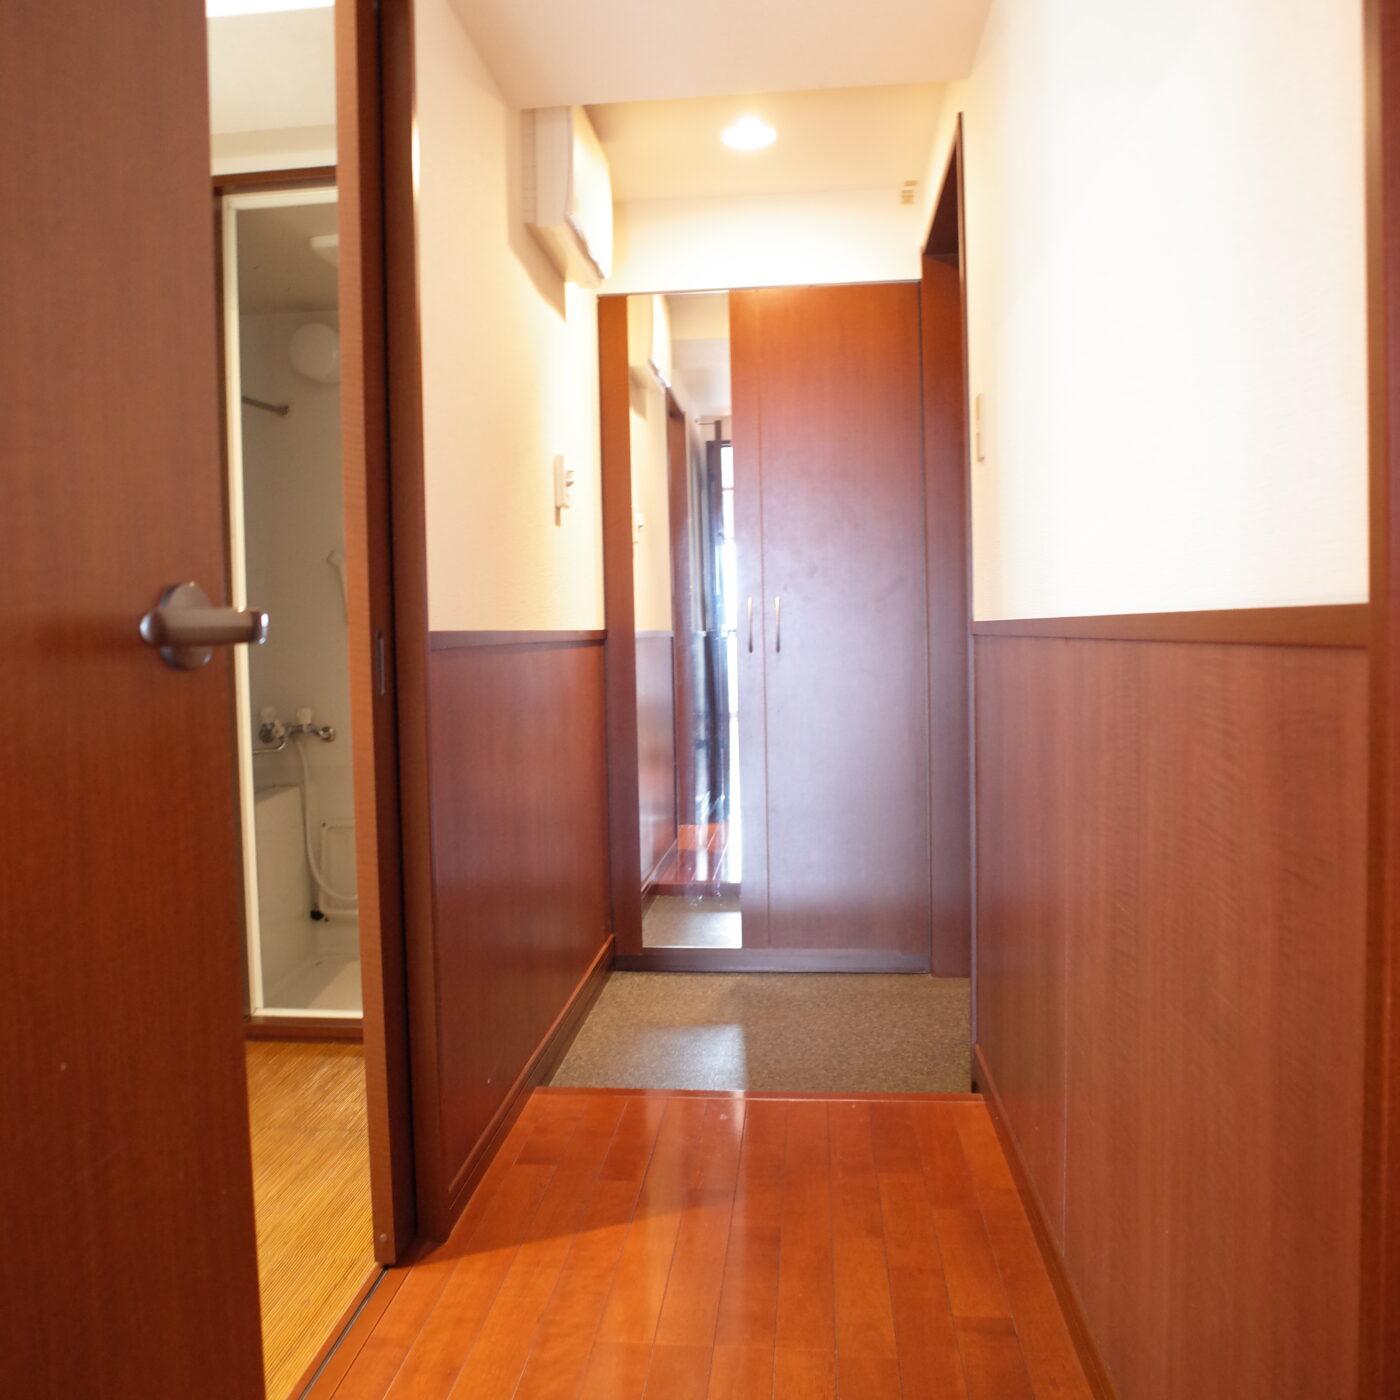 九州大学 伊都キャンパス 学生専用  ひとり暮らし